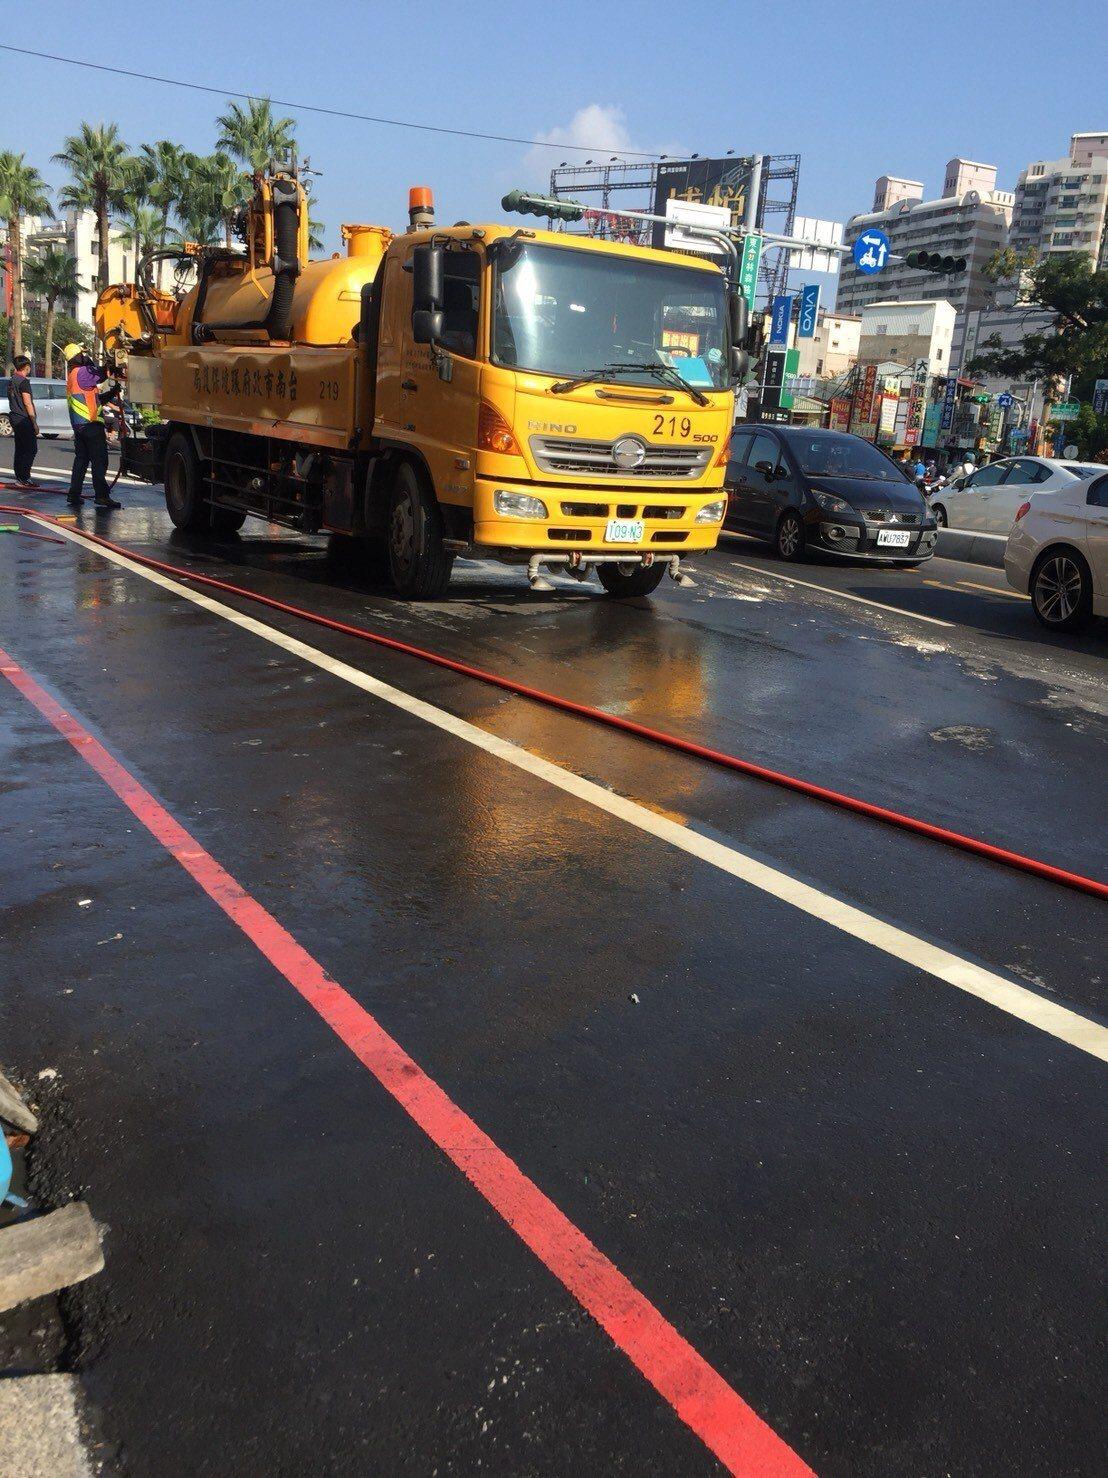 油罐車沿路漏油數百公尺,造成許多騎士摔車,市府派員清理。圖/翻攝畫面